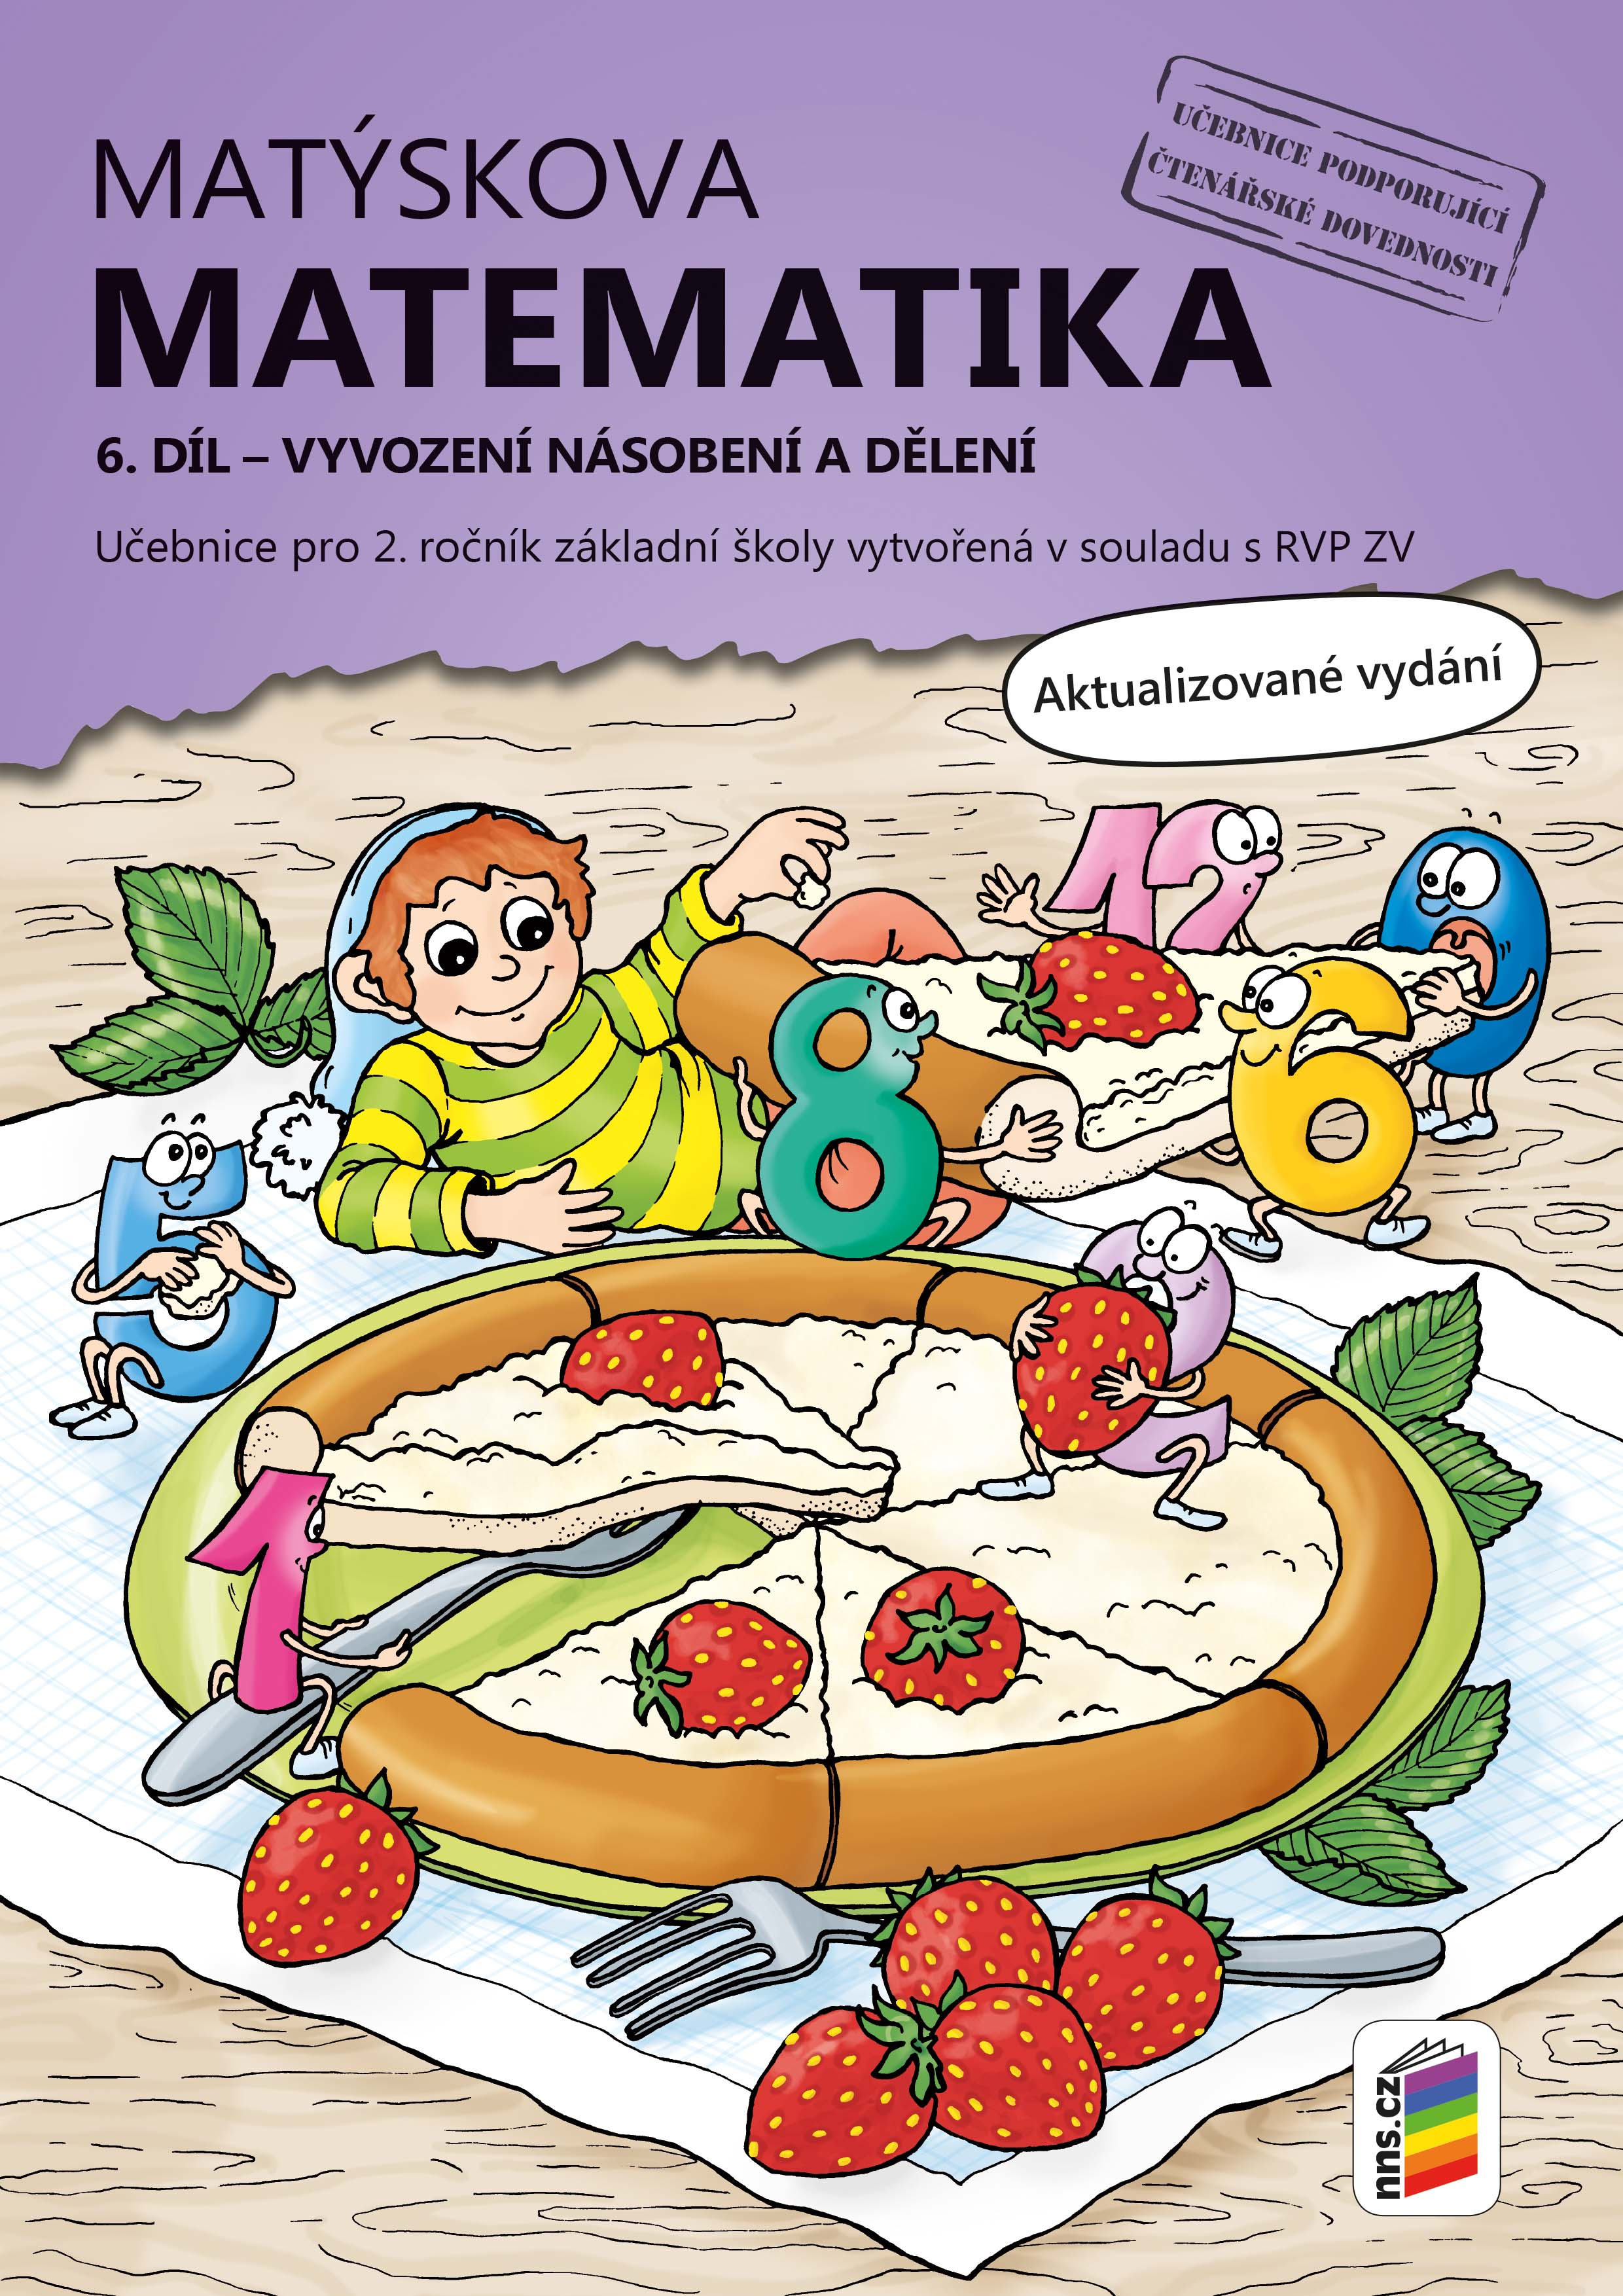 Matýskova matematika, 6. díl – počítání do 100 (vyvození násobení a dělení) - aktualizované vyd.